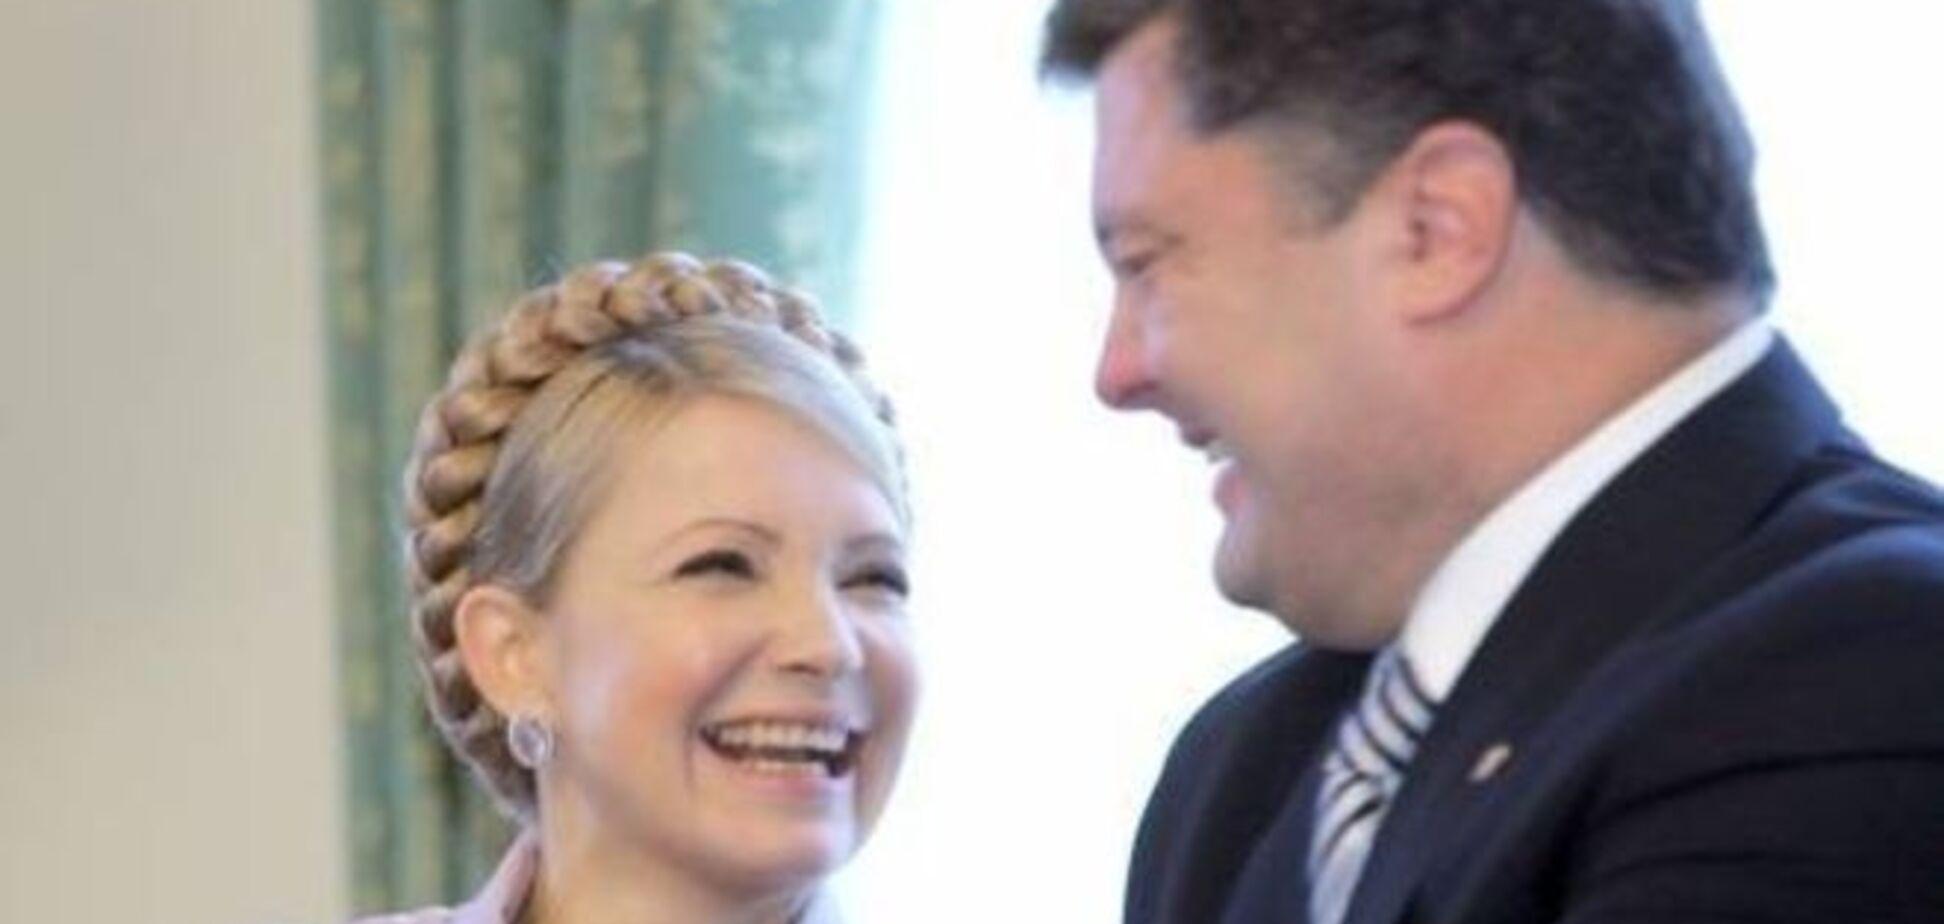 Більшість українців бачать президентом Порошенка, Тимошенко - друга